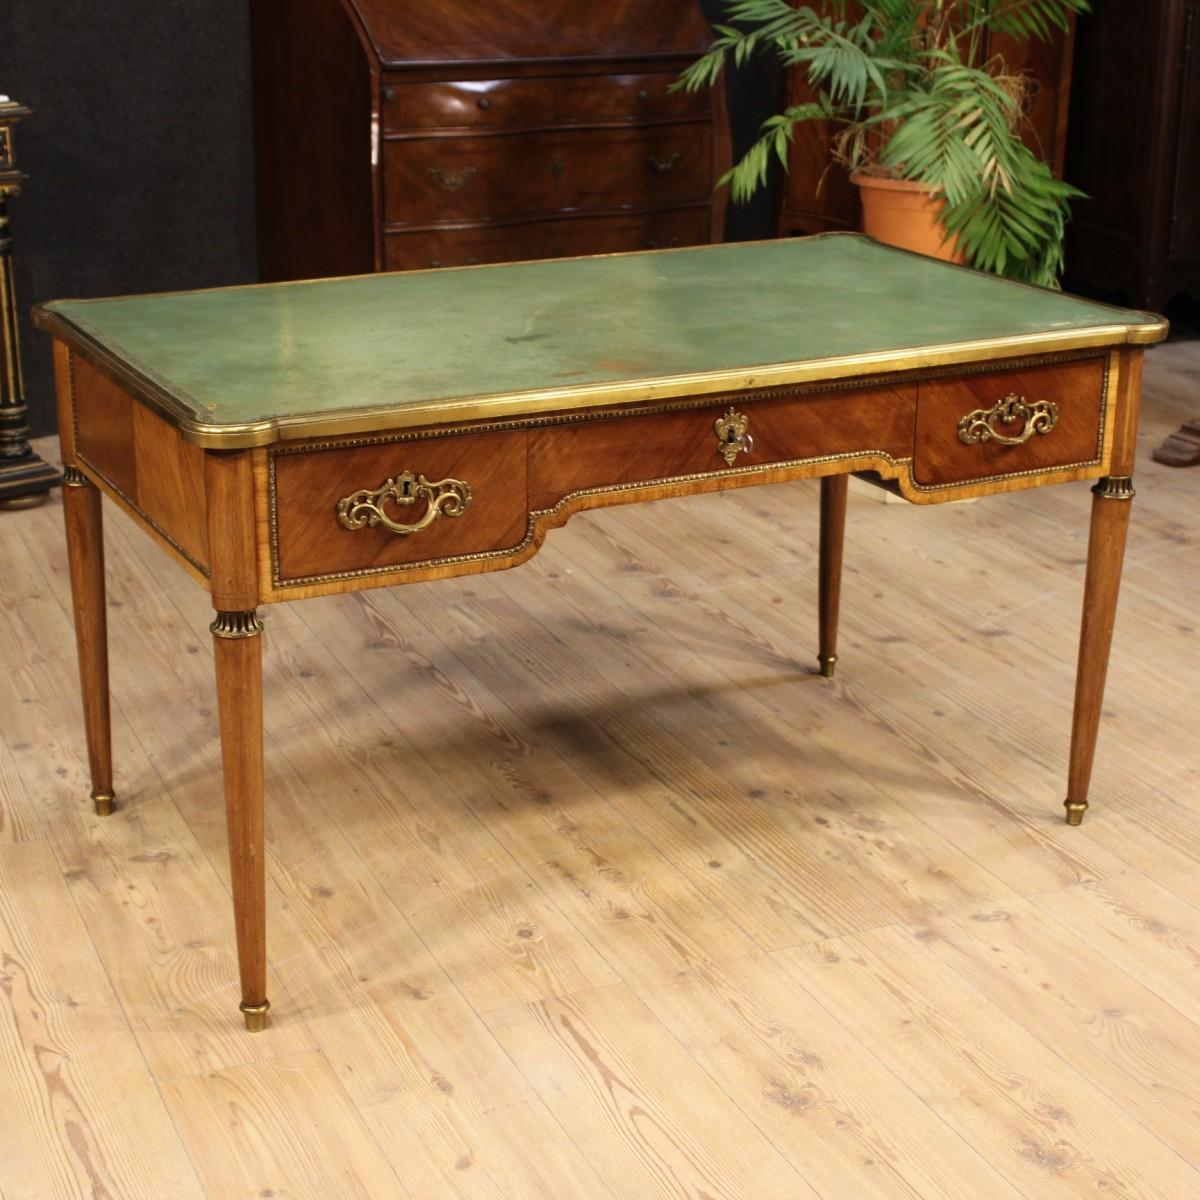 Arredare casa con i mobili inglesi antichi for Stili mobili antichi